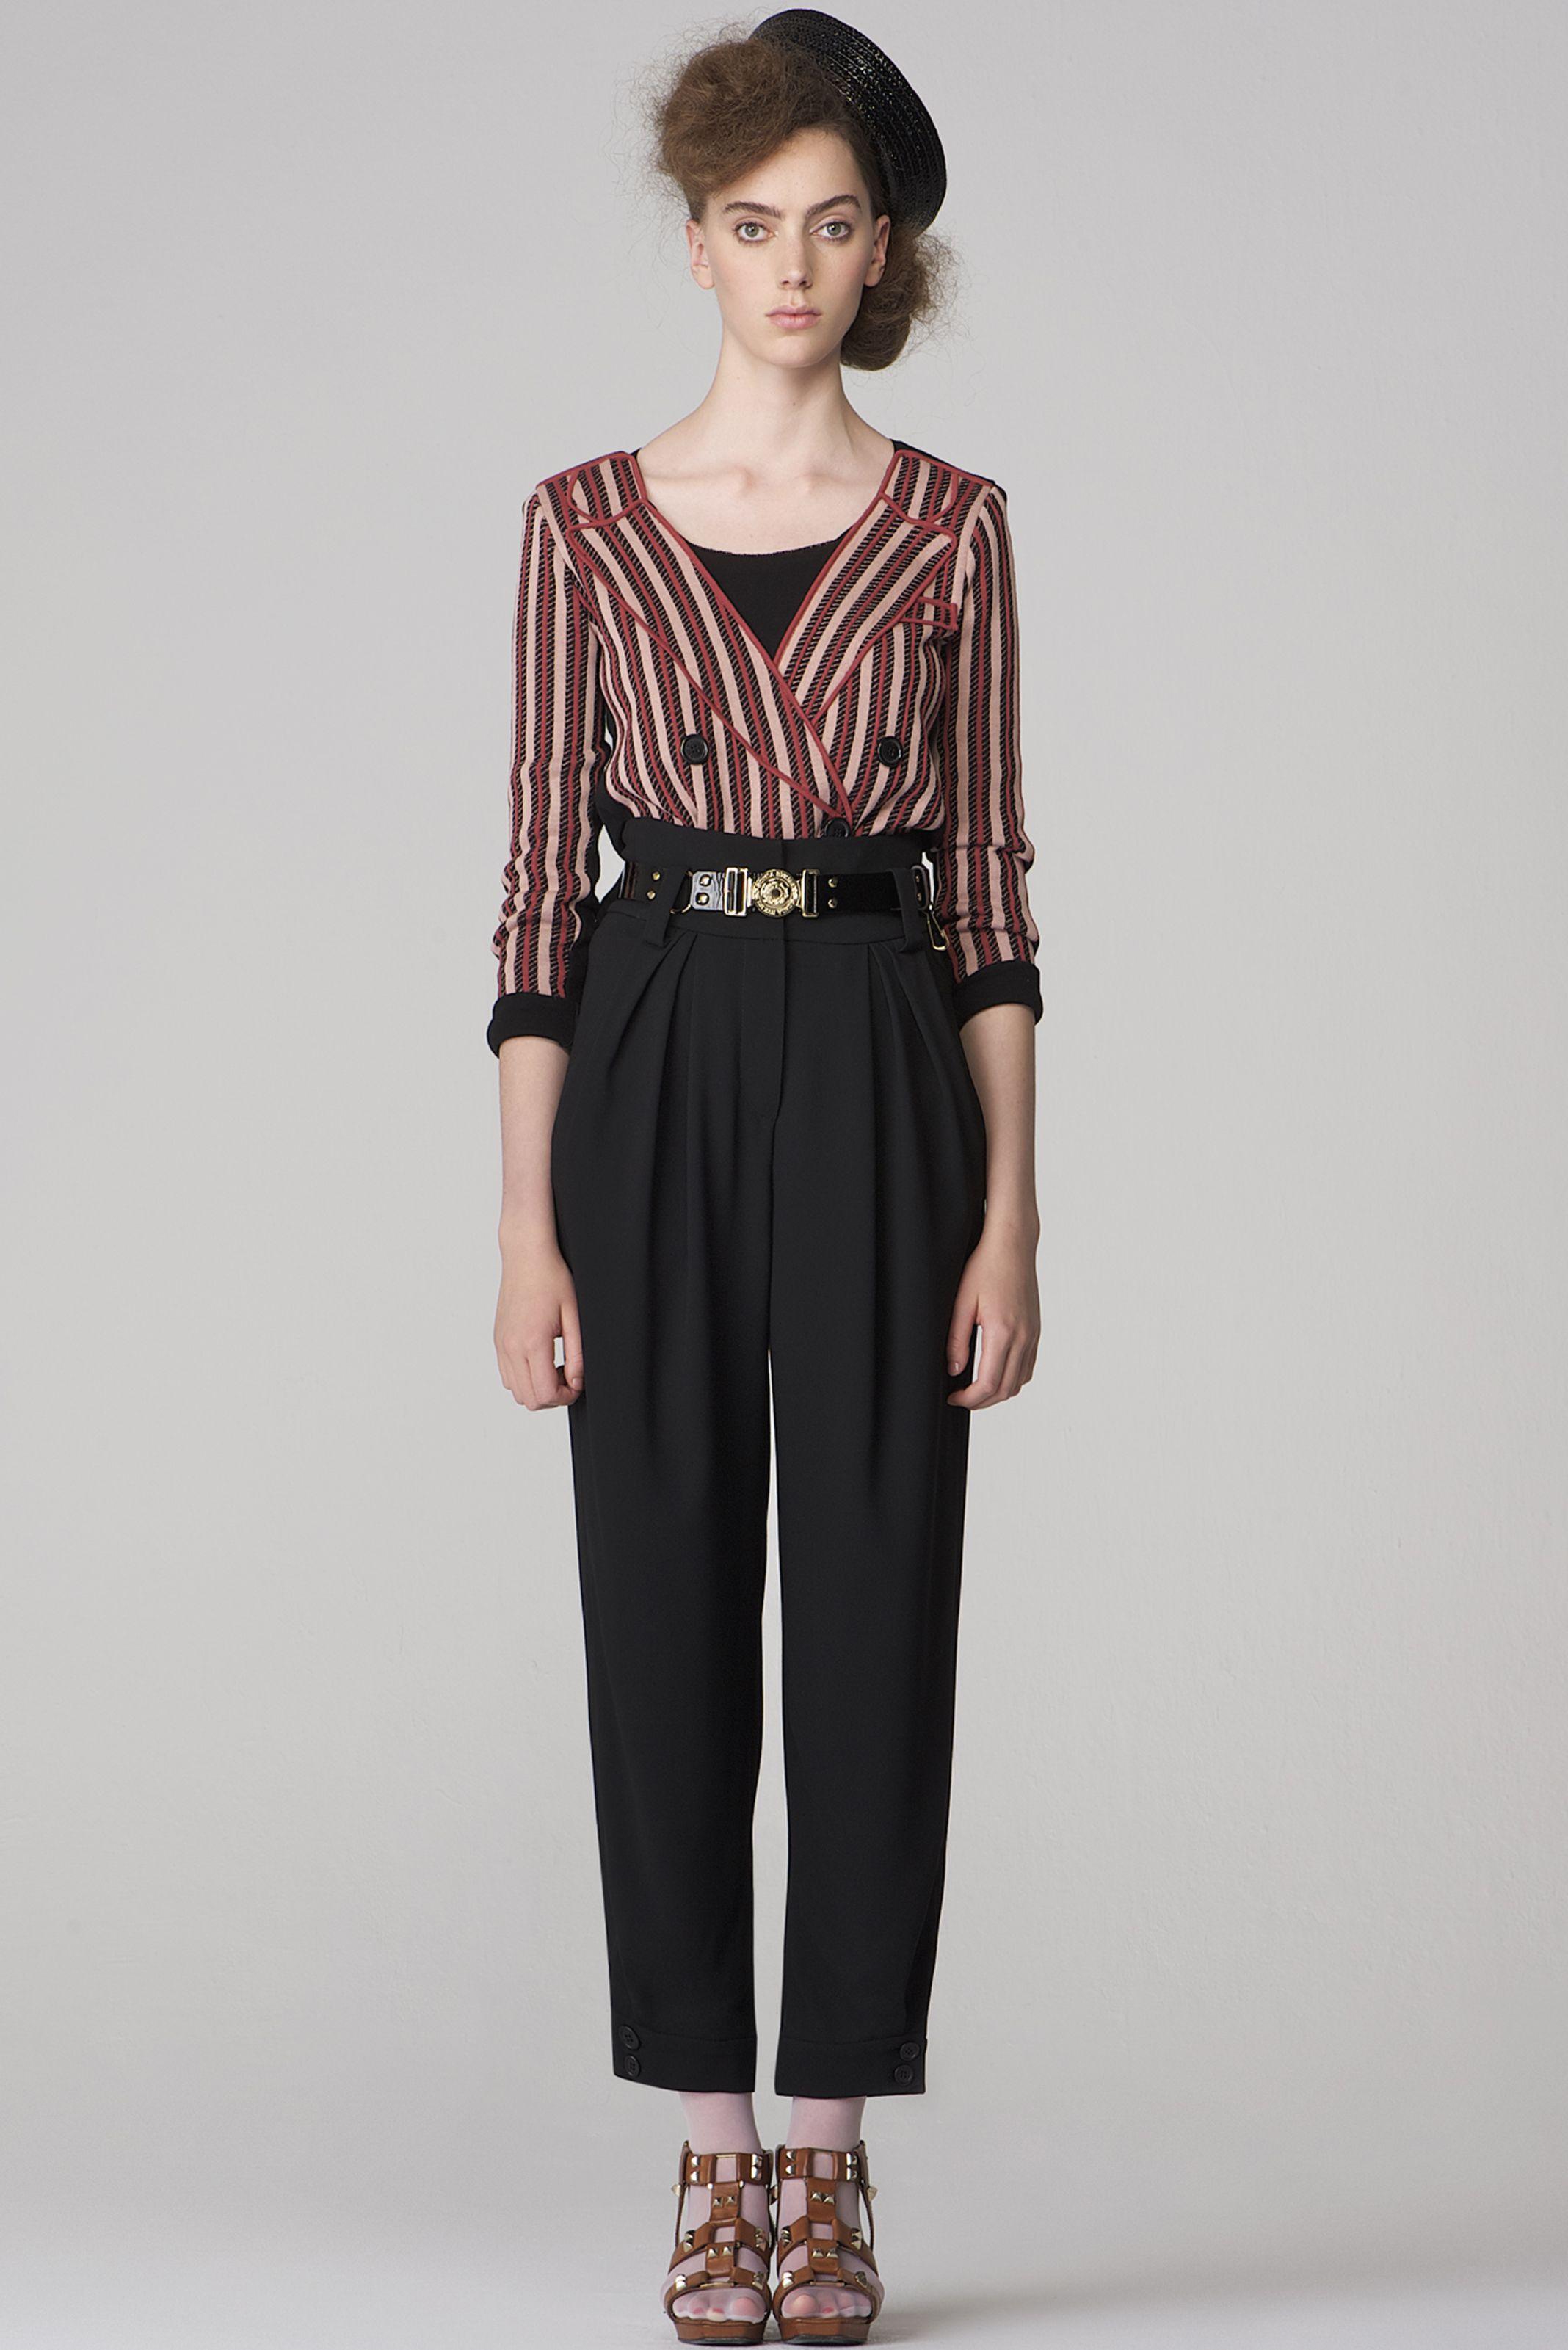 Sfilata Sonia Rykiel New York - Pre-collezioni Primavera Estate 2011 - Vogue